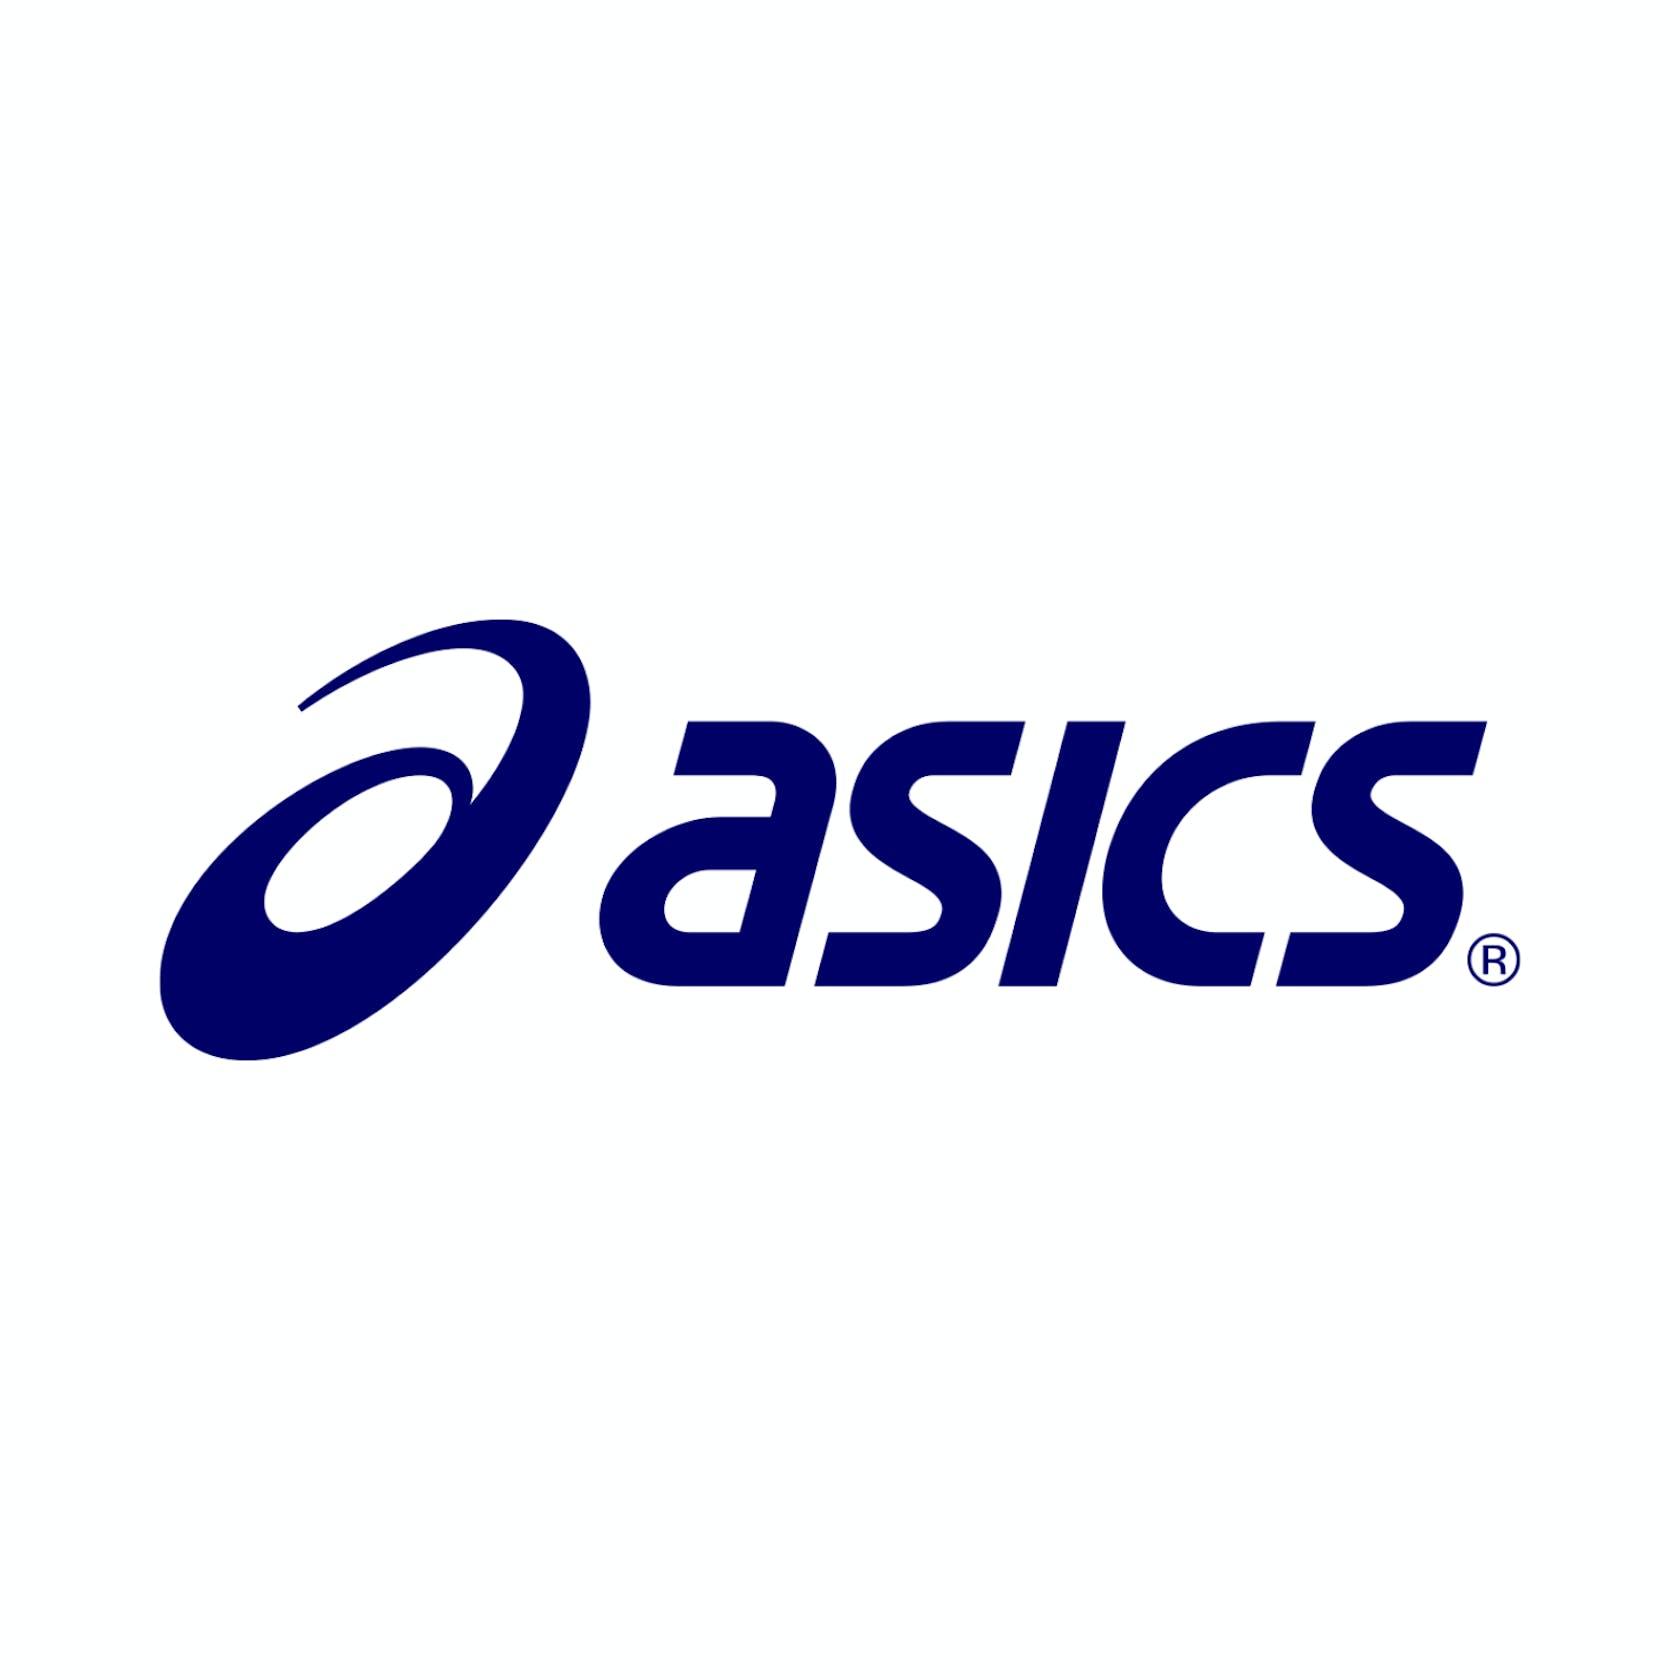 Asics Onlineshop